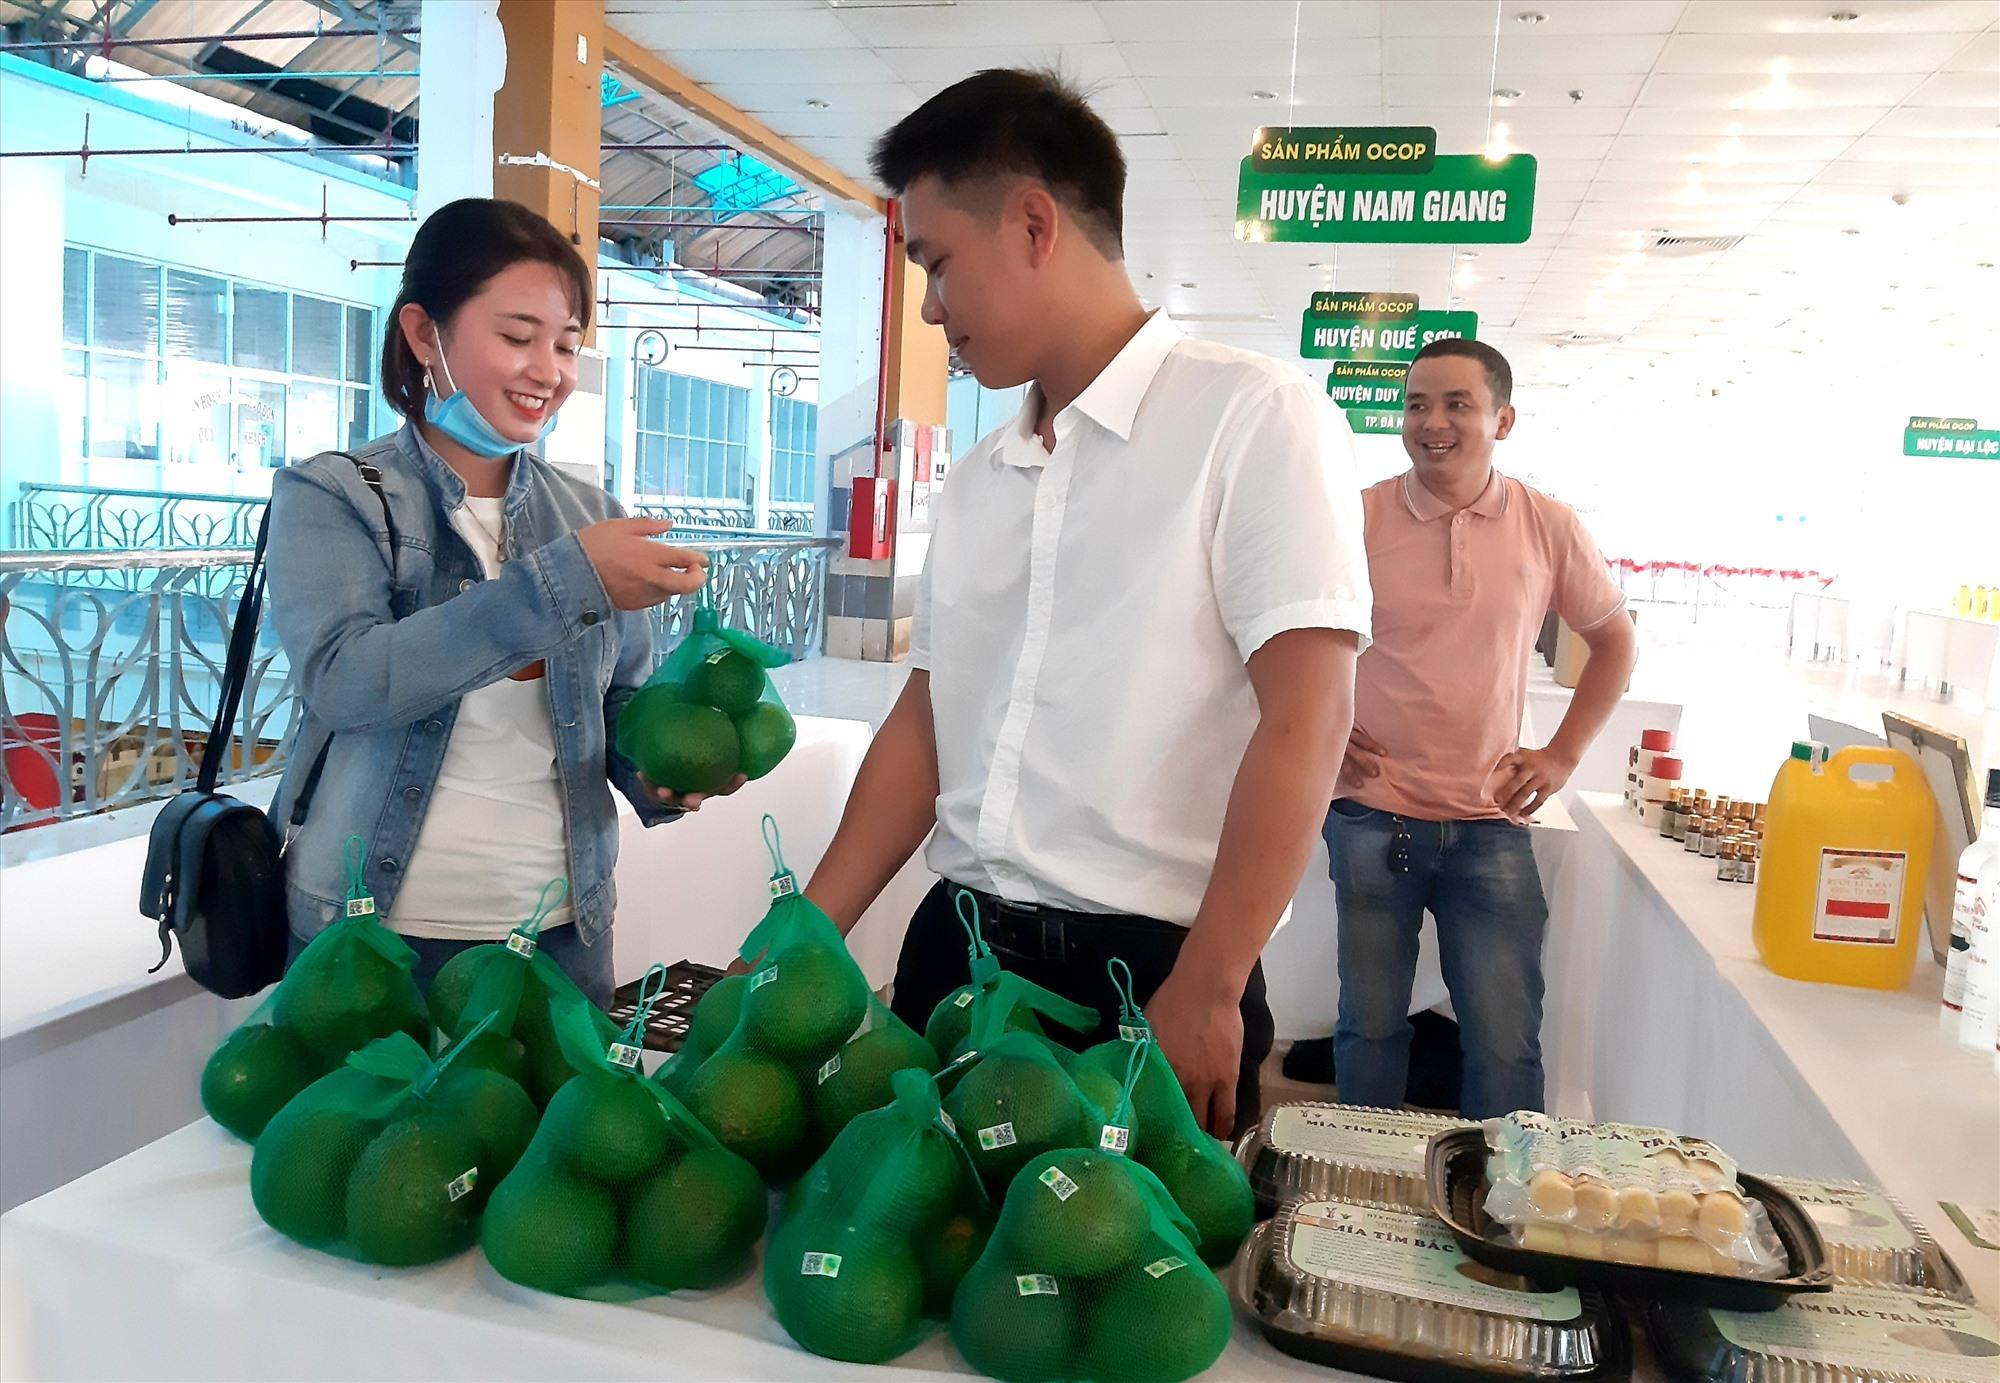 Hợp tác xã Nông nghiệp Trà Dương mong các đơn vị liên quan hỗ trợ đưa sản phẩm cam sành vào bày bán tại các siêu thị và những cửa hàng cung ứng trái cây ăn quả sạch. Ảnh: S.V